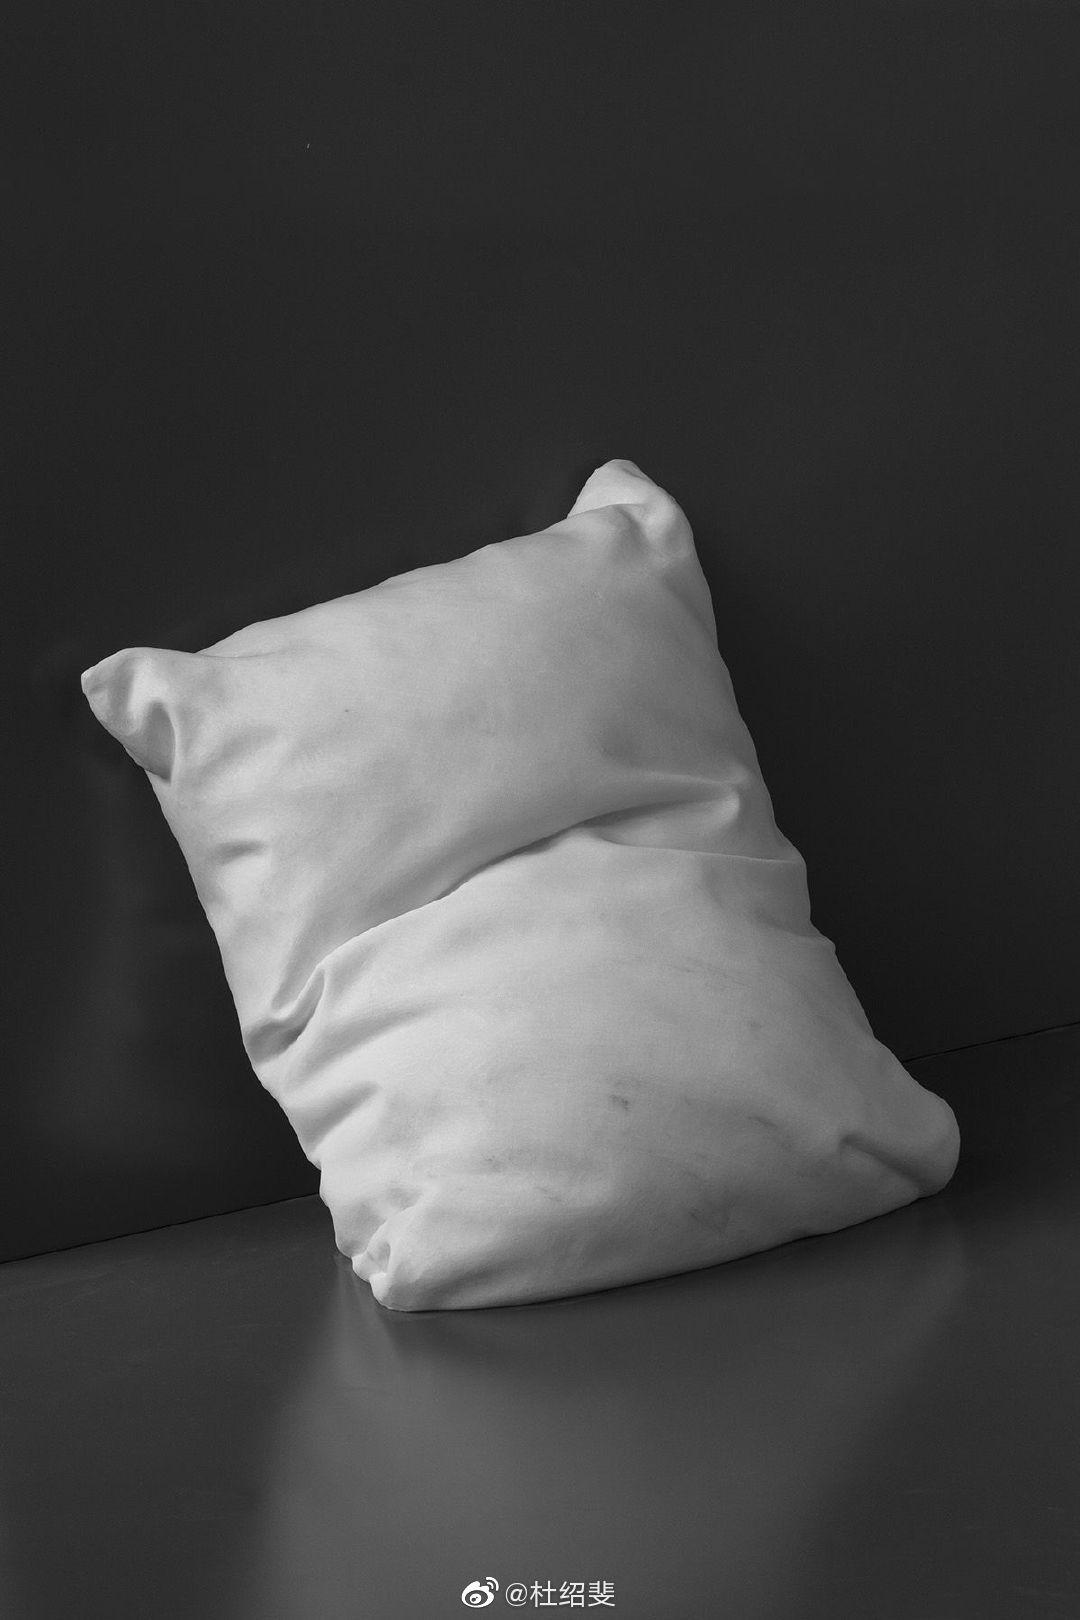 挪威雕塑家Hkon Anton Fagers使用大理石块雕刻的枕头作品